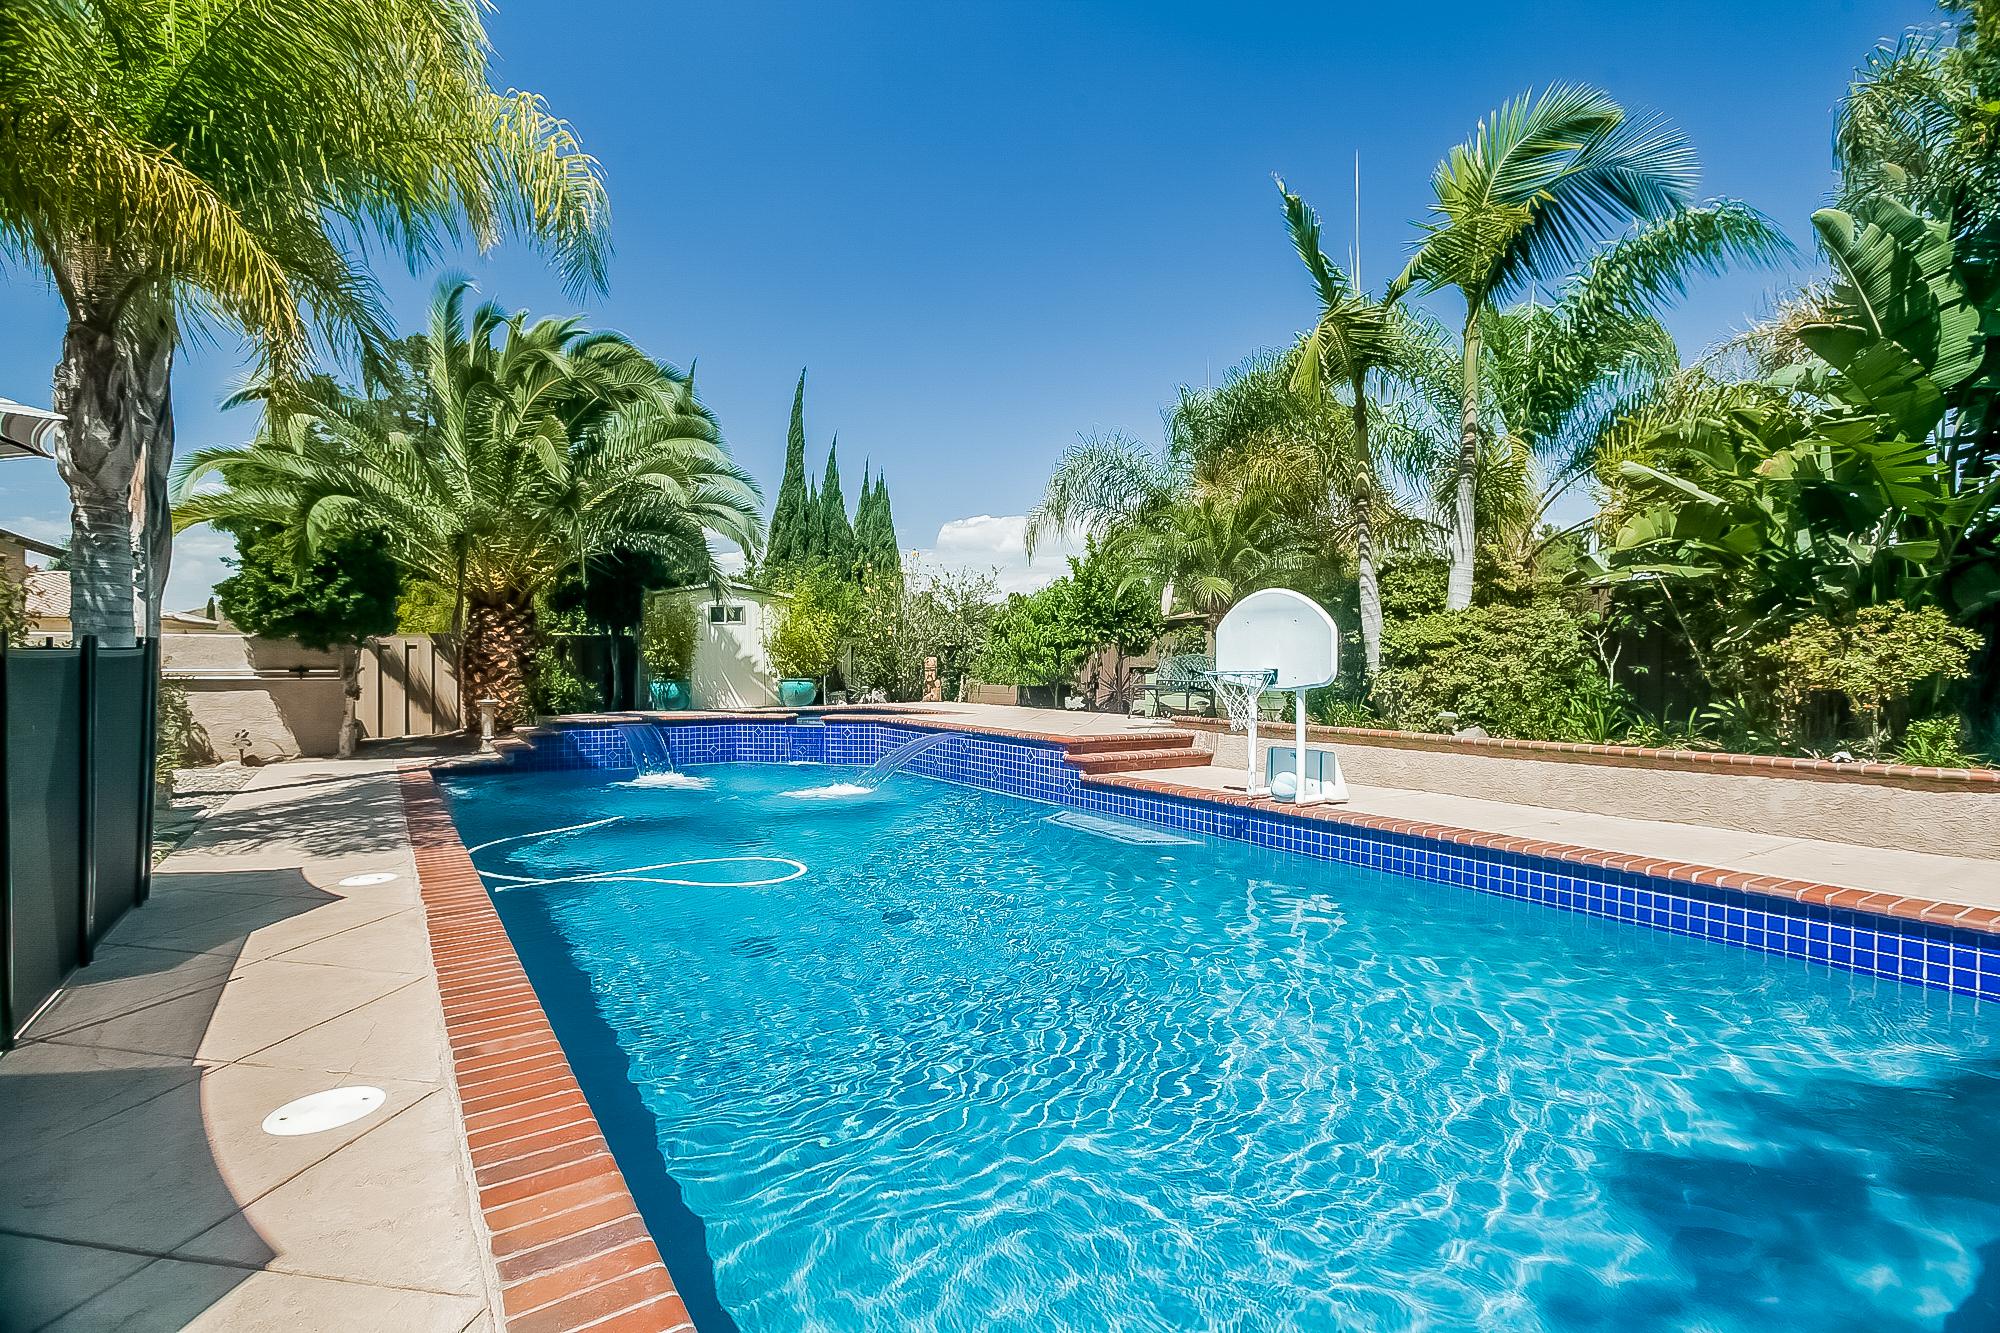 029-Pool-2687509-large.jpg